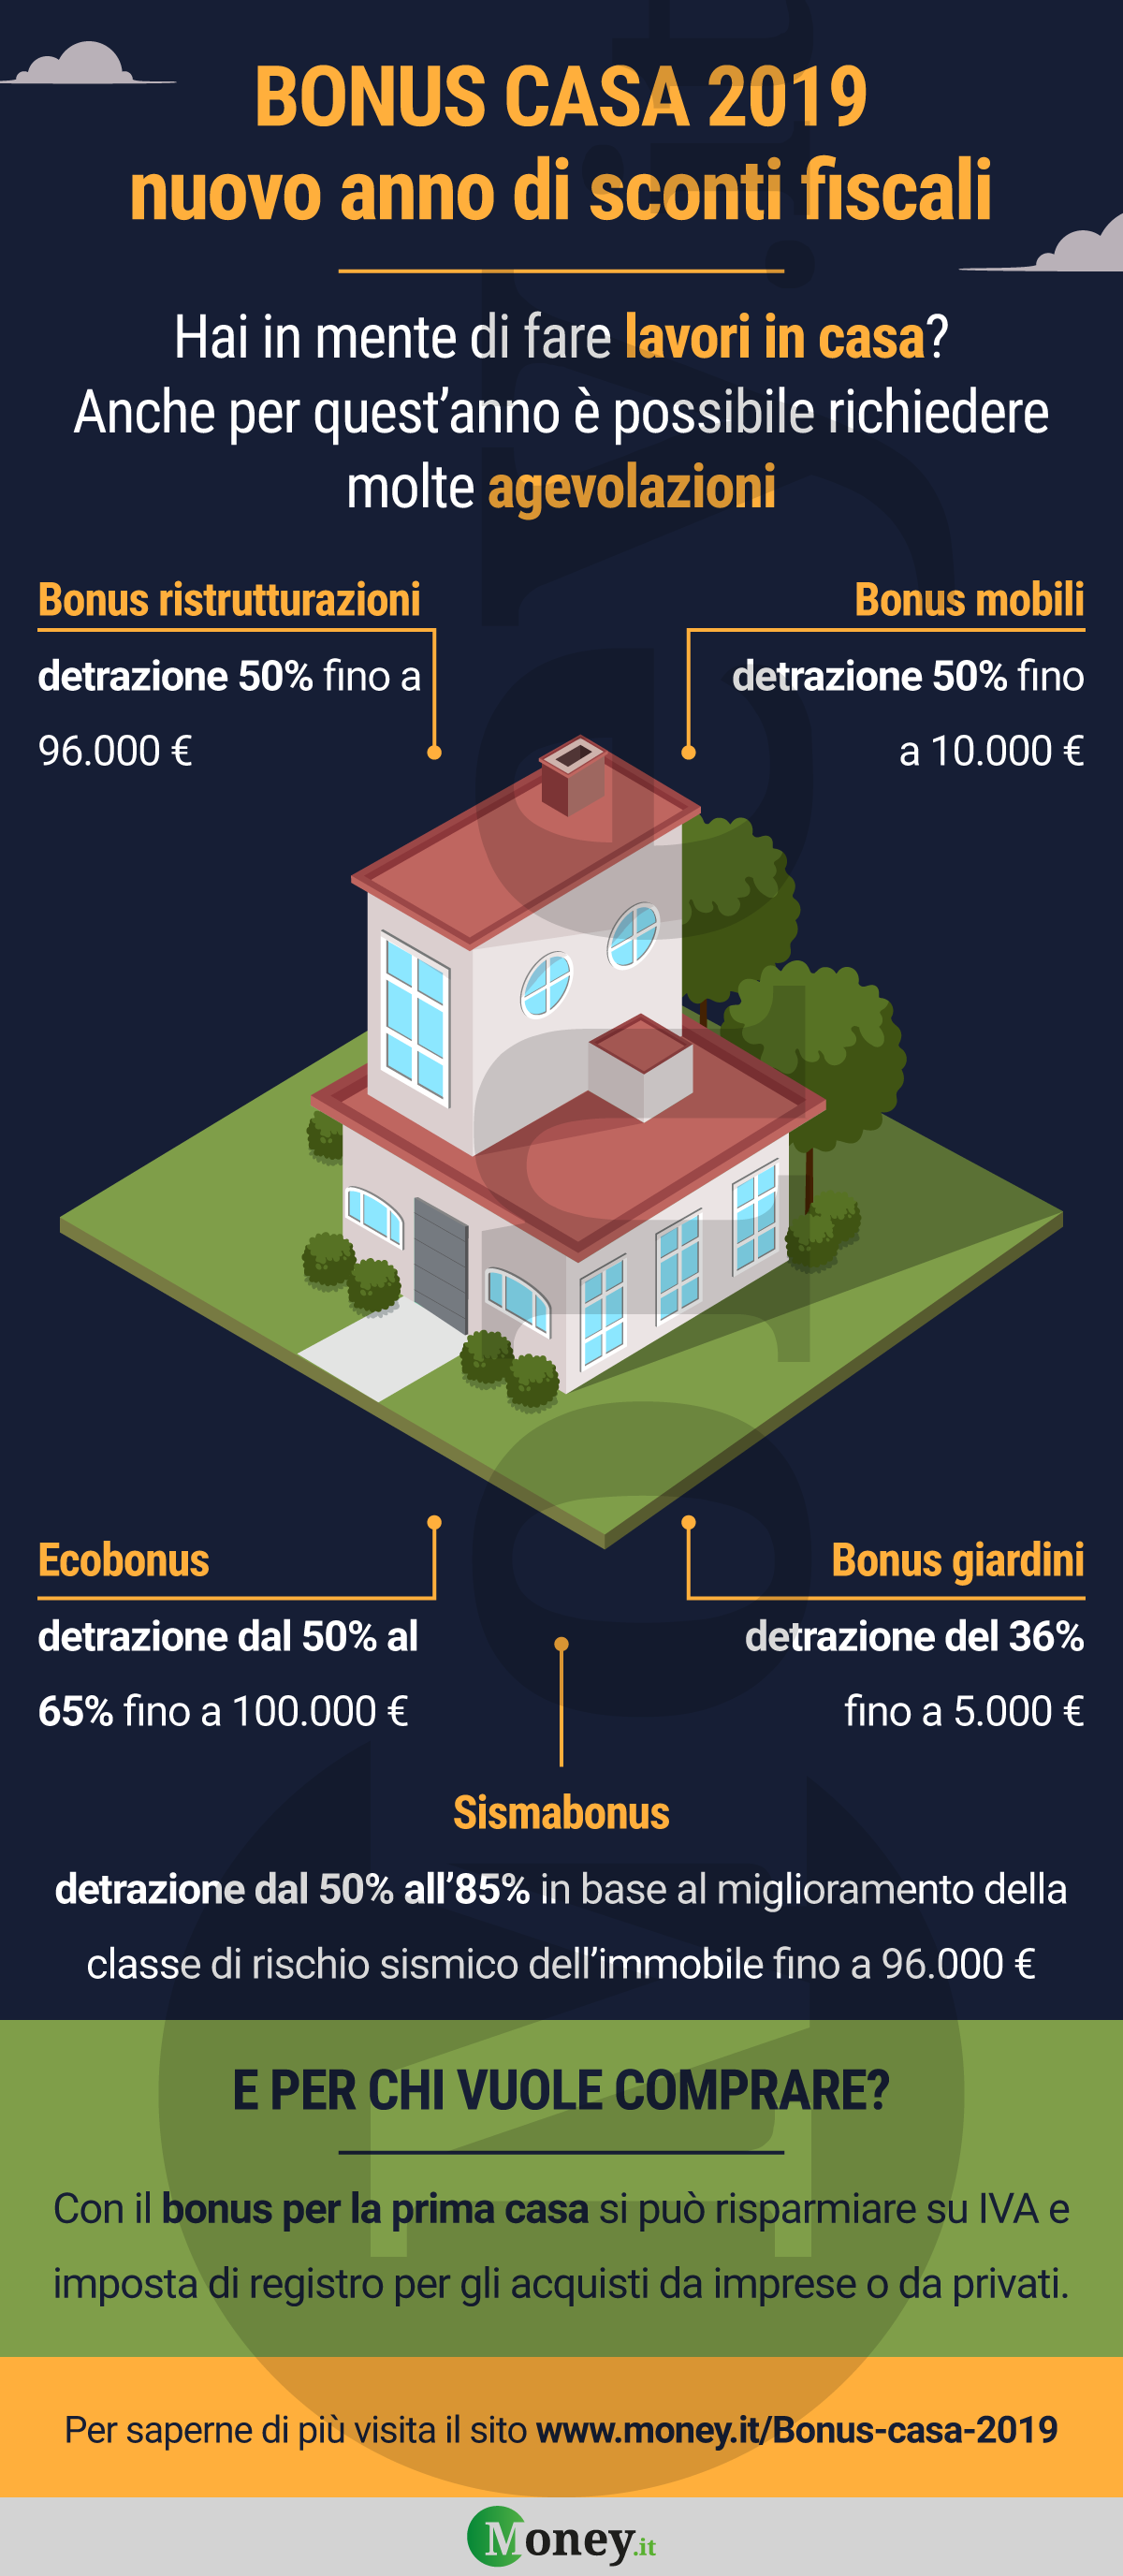 Proroga Bonus Casa anche per il 2019